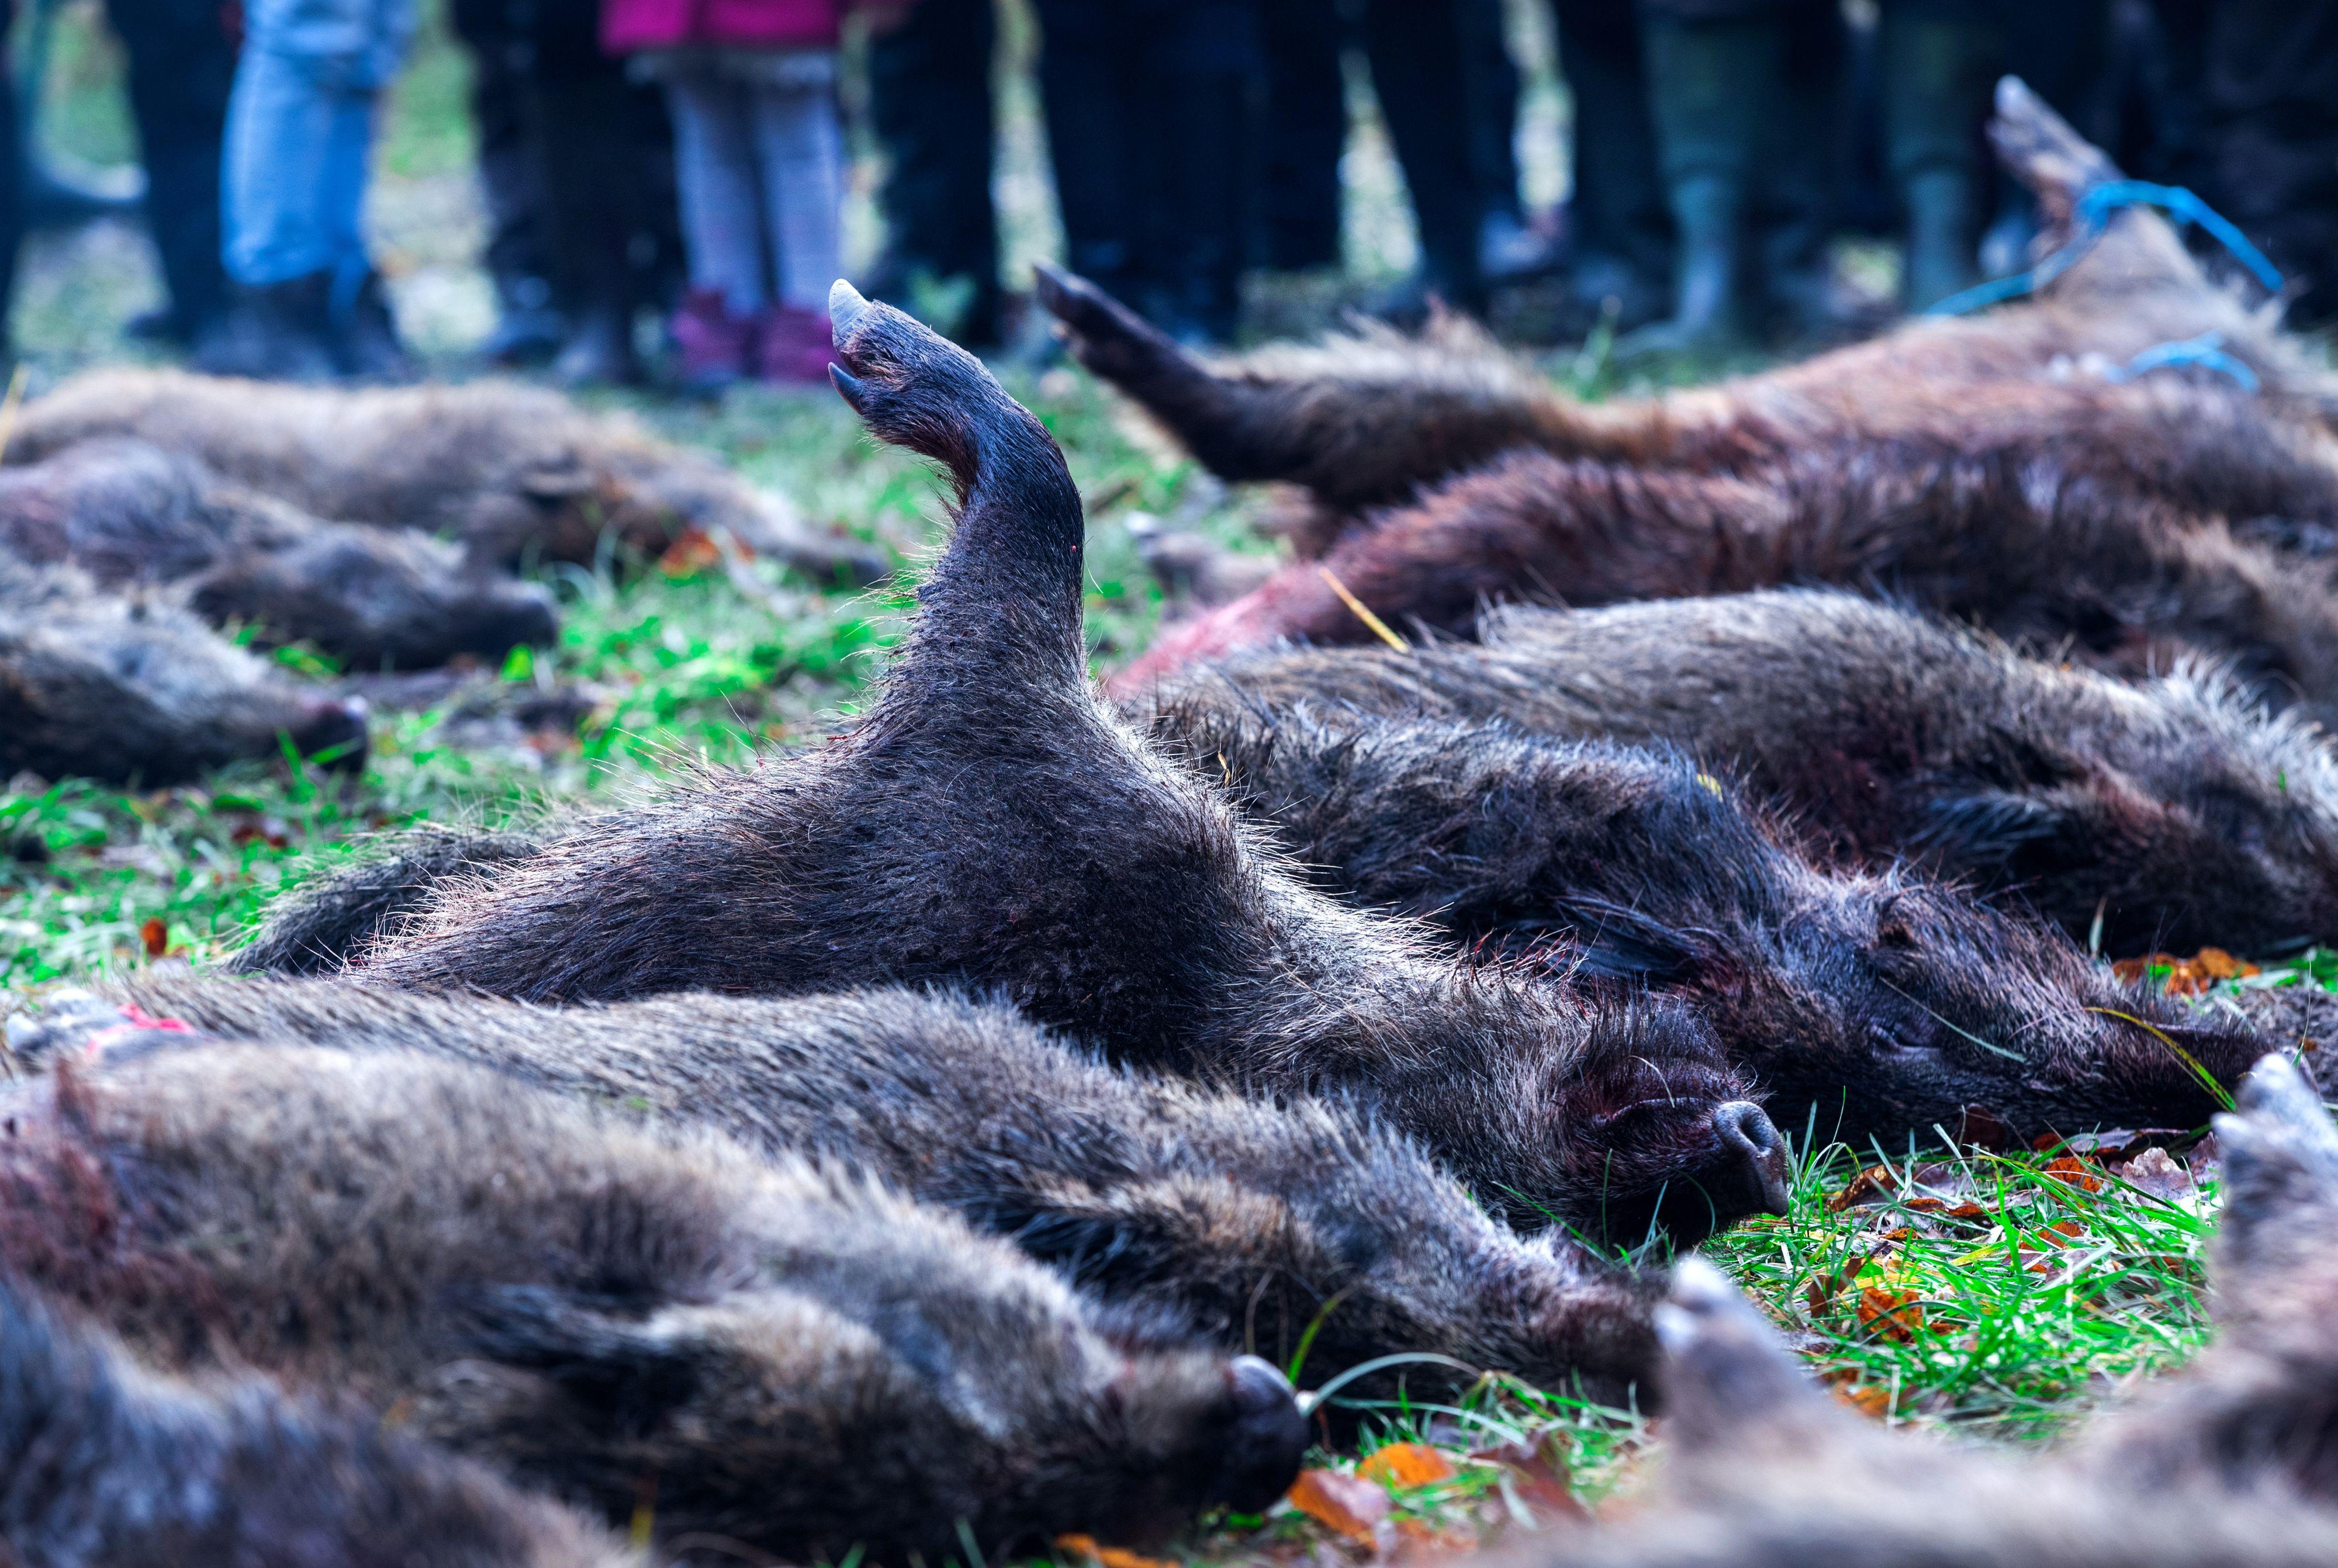 Das Ende einer Treibjagd: Die Wildschweine werden in Strecke gelegt. Darauf soll in Corona-Zeiten verzichtet werden. Foto: dpa / Büttner